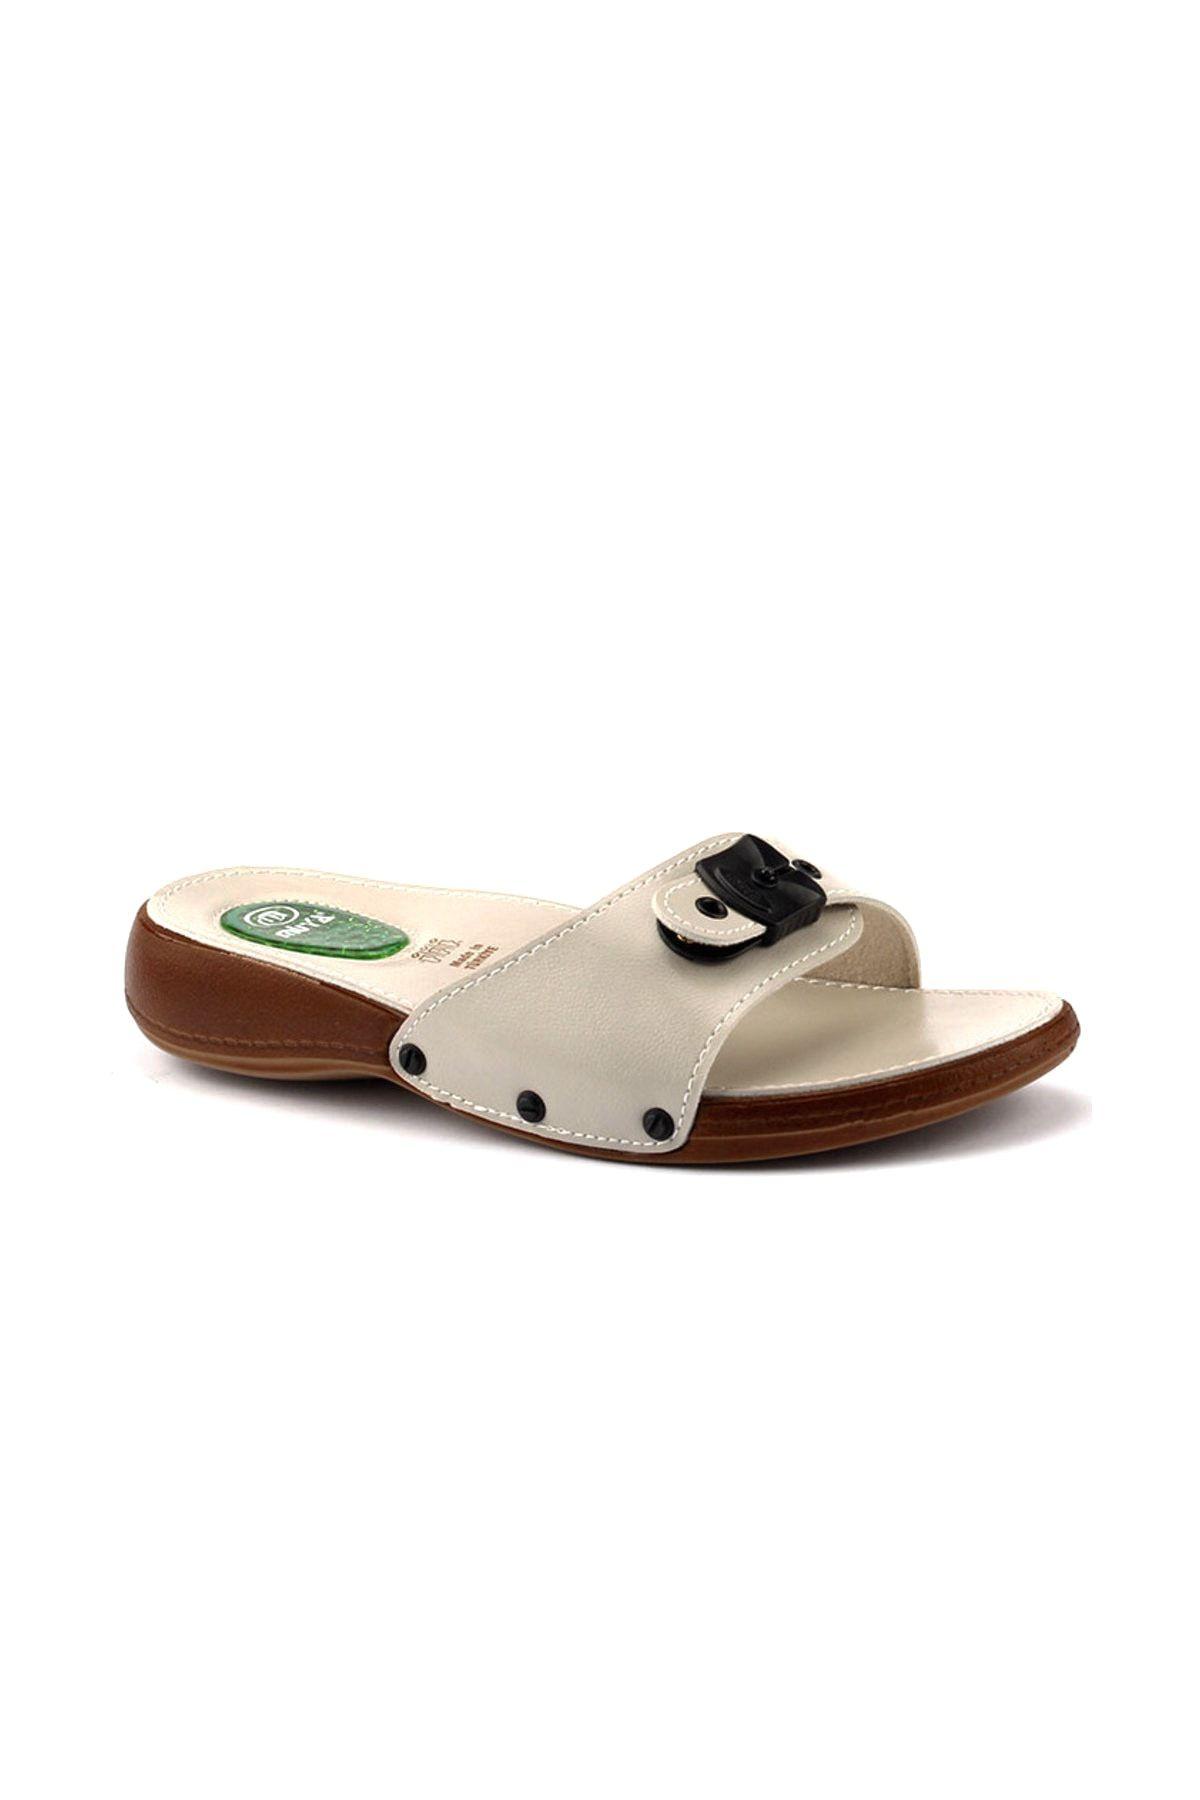 Bayan Terlik Modelleri 2020 Terlik Moda Ayakkabilar